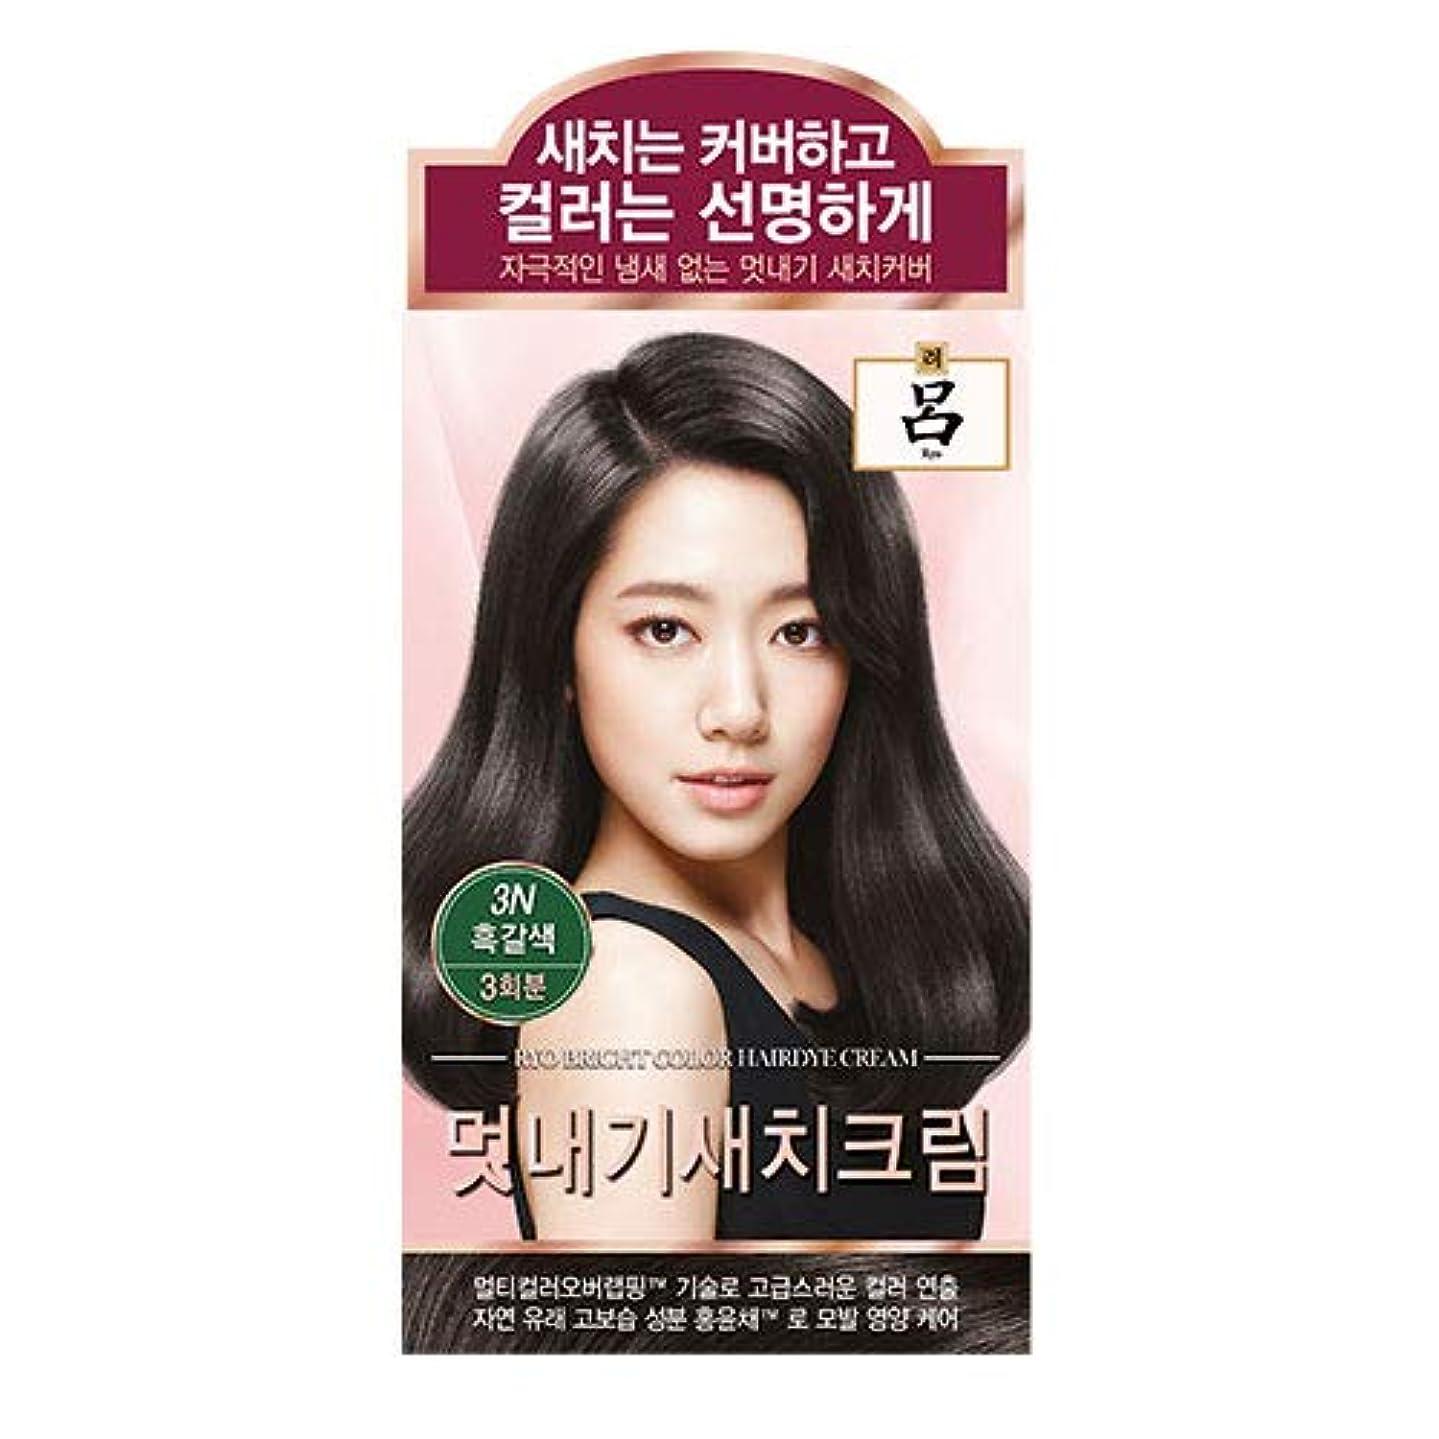 アモーレパシフィック呂[AMOREPACIFIC/Ryo] ブライトカラーヘアアイクリーム 3N ダークブラウン/Bright Color Hairdye Cream 3N Dark Brown